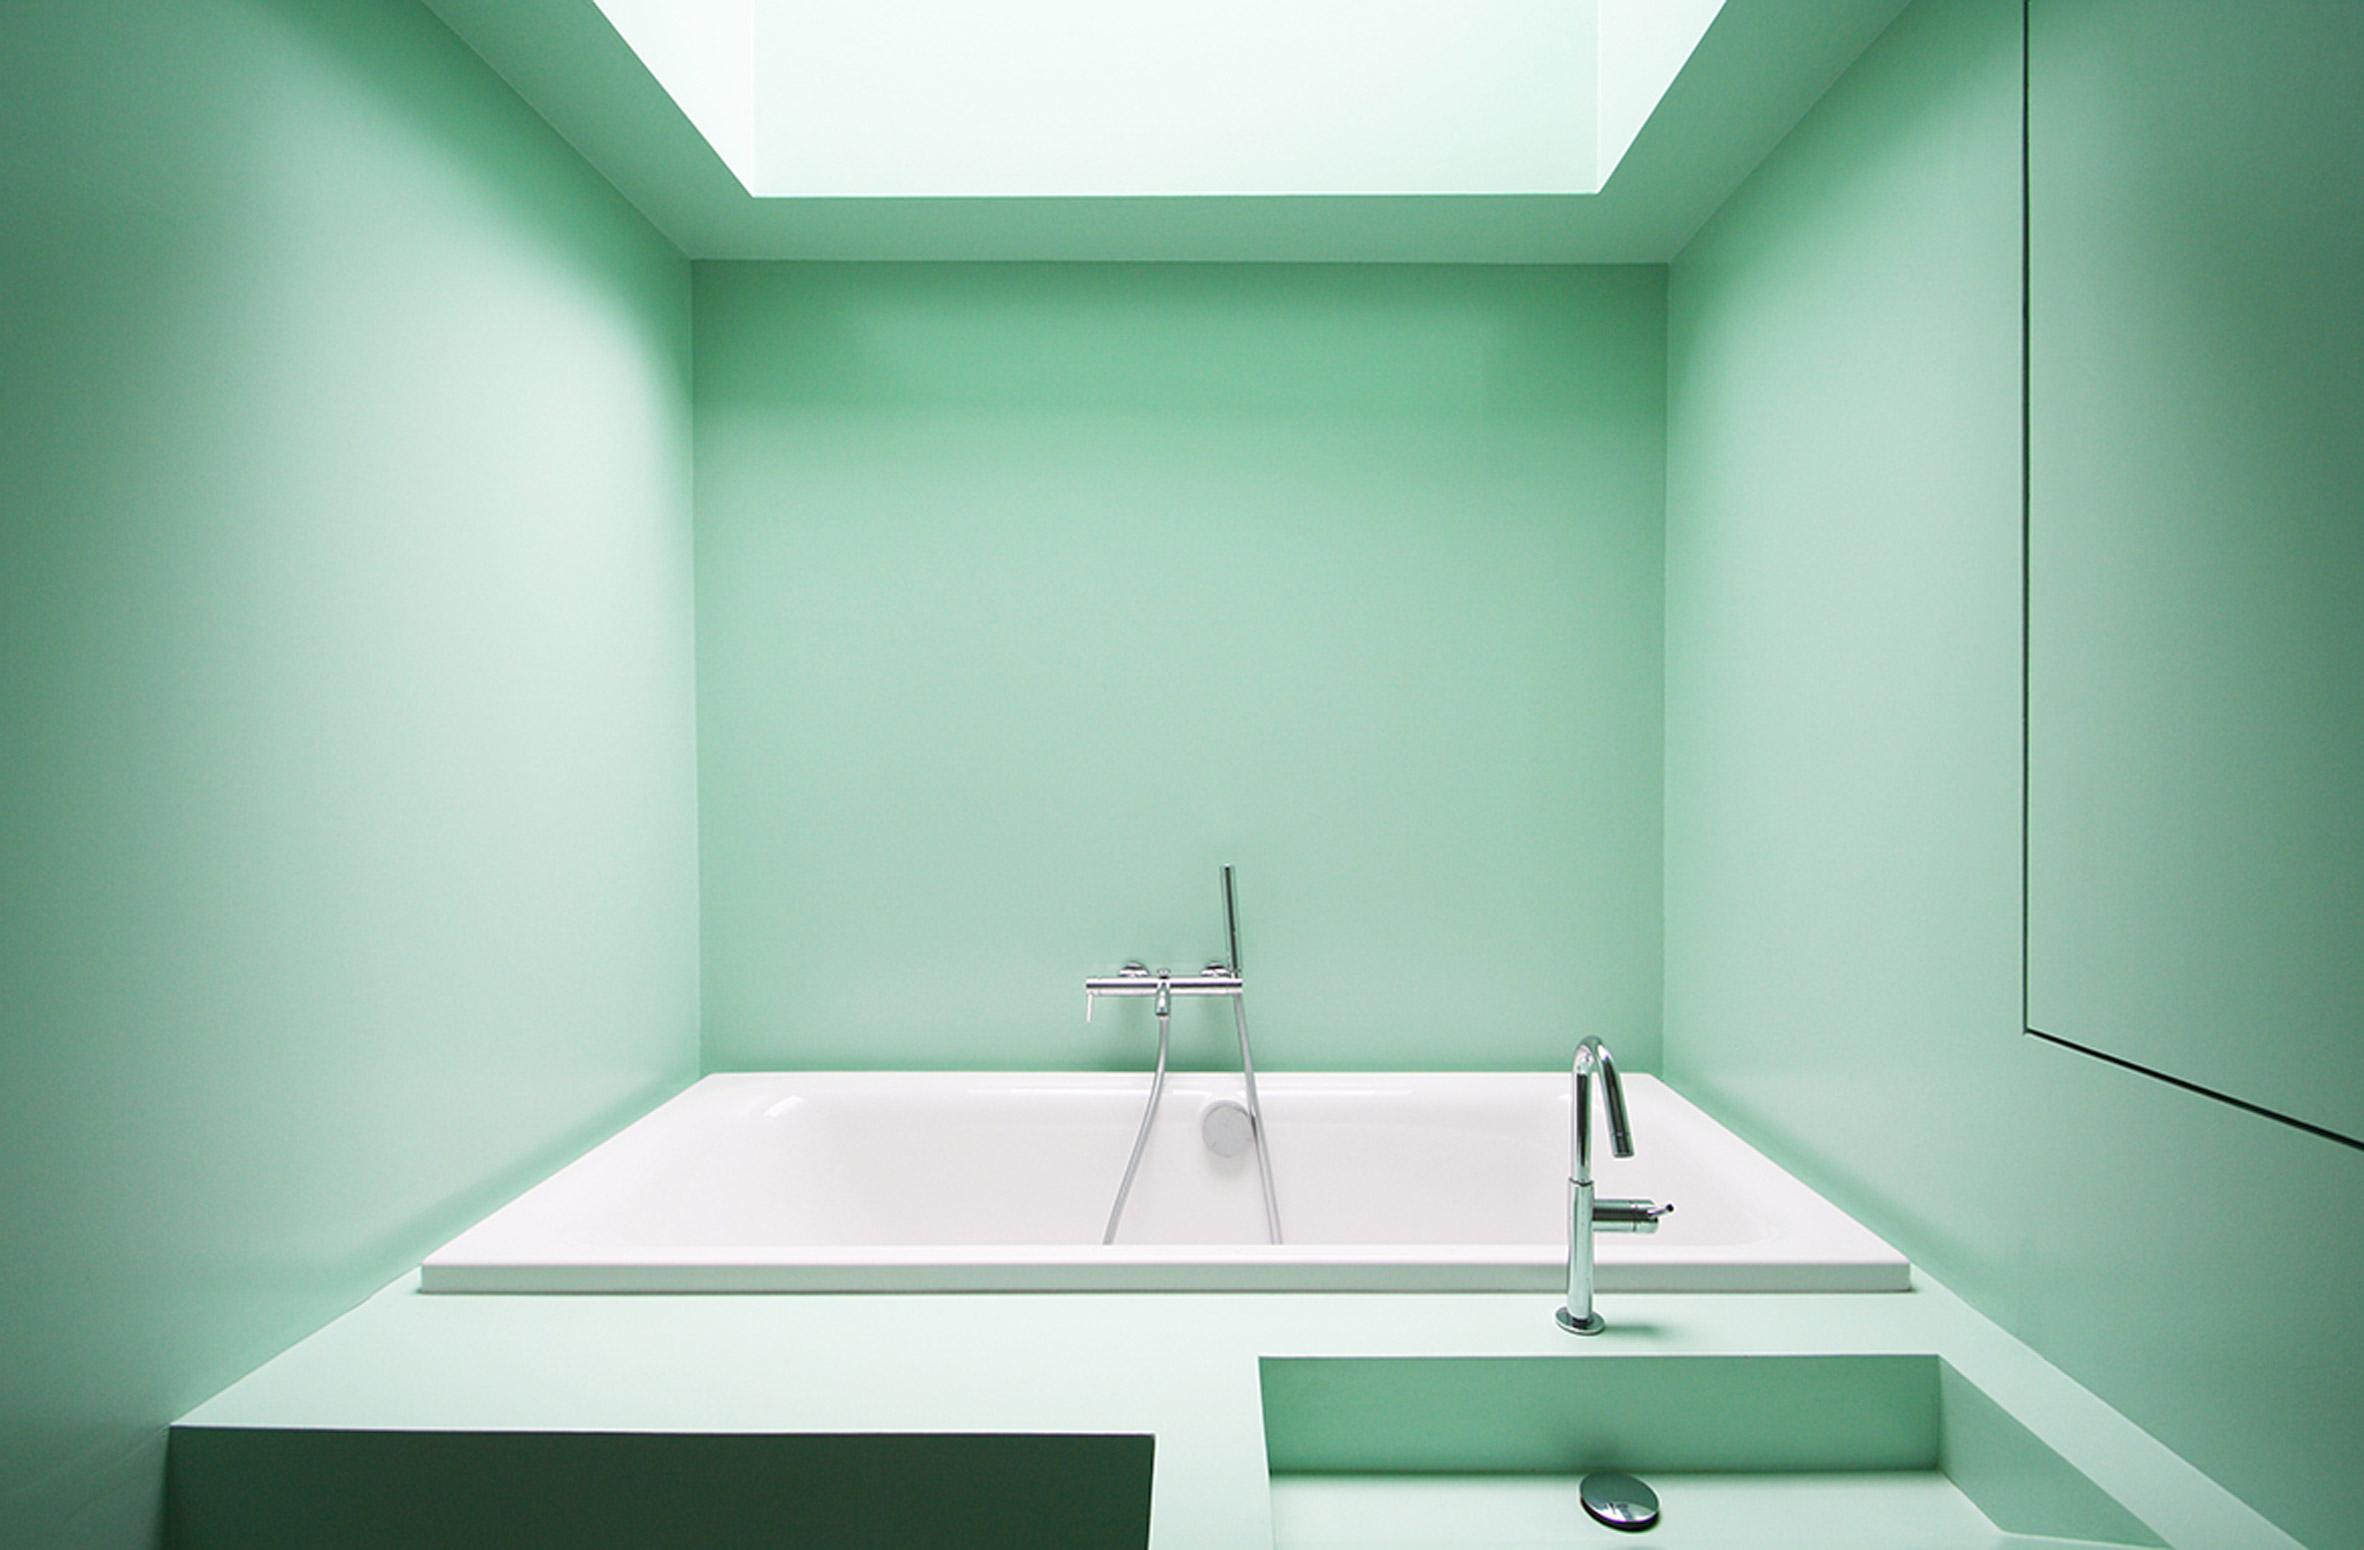 the skylight above the bathtub allows enjoying the sky while having a bath